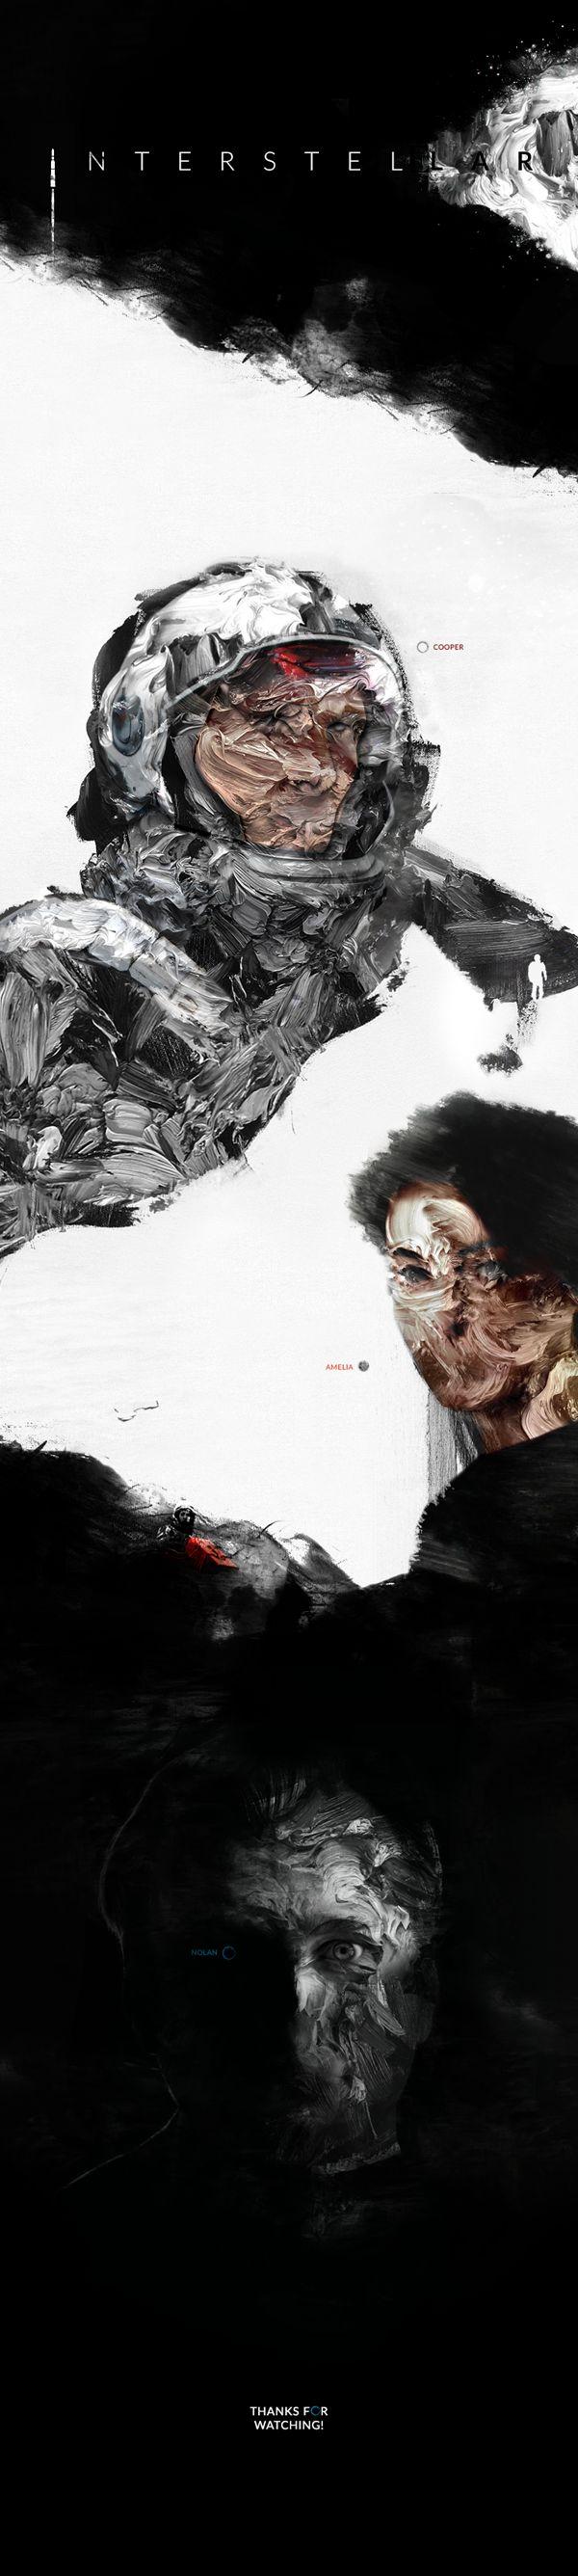 Fan-Made #Interstellar #Posters by Kirill Talalaev